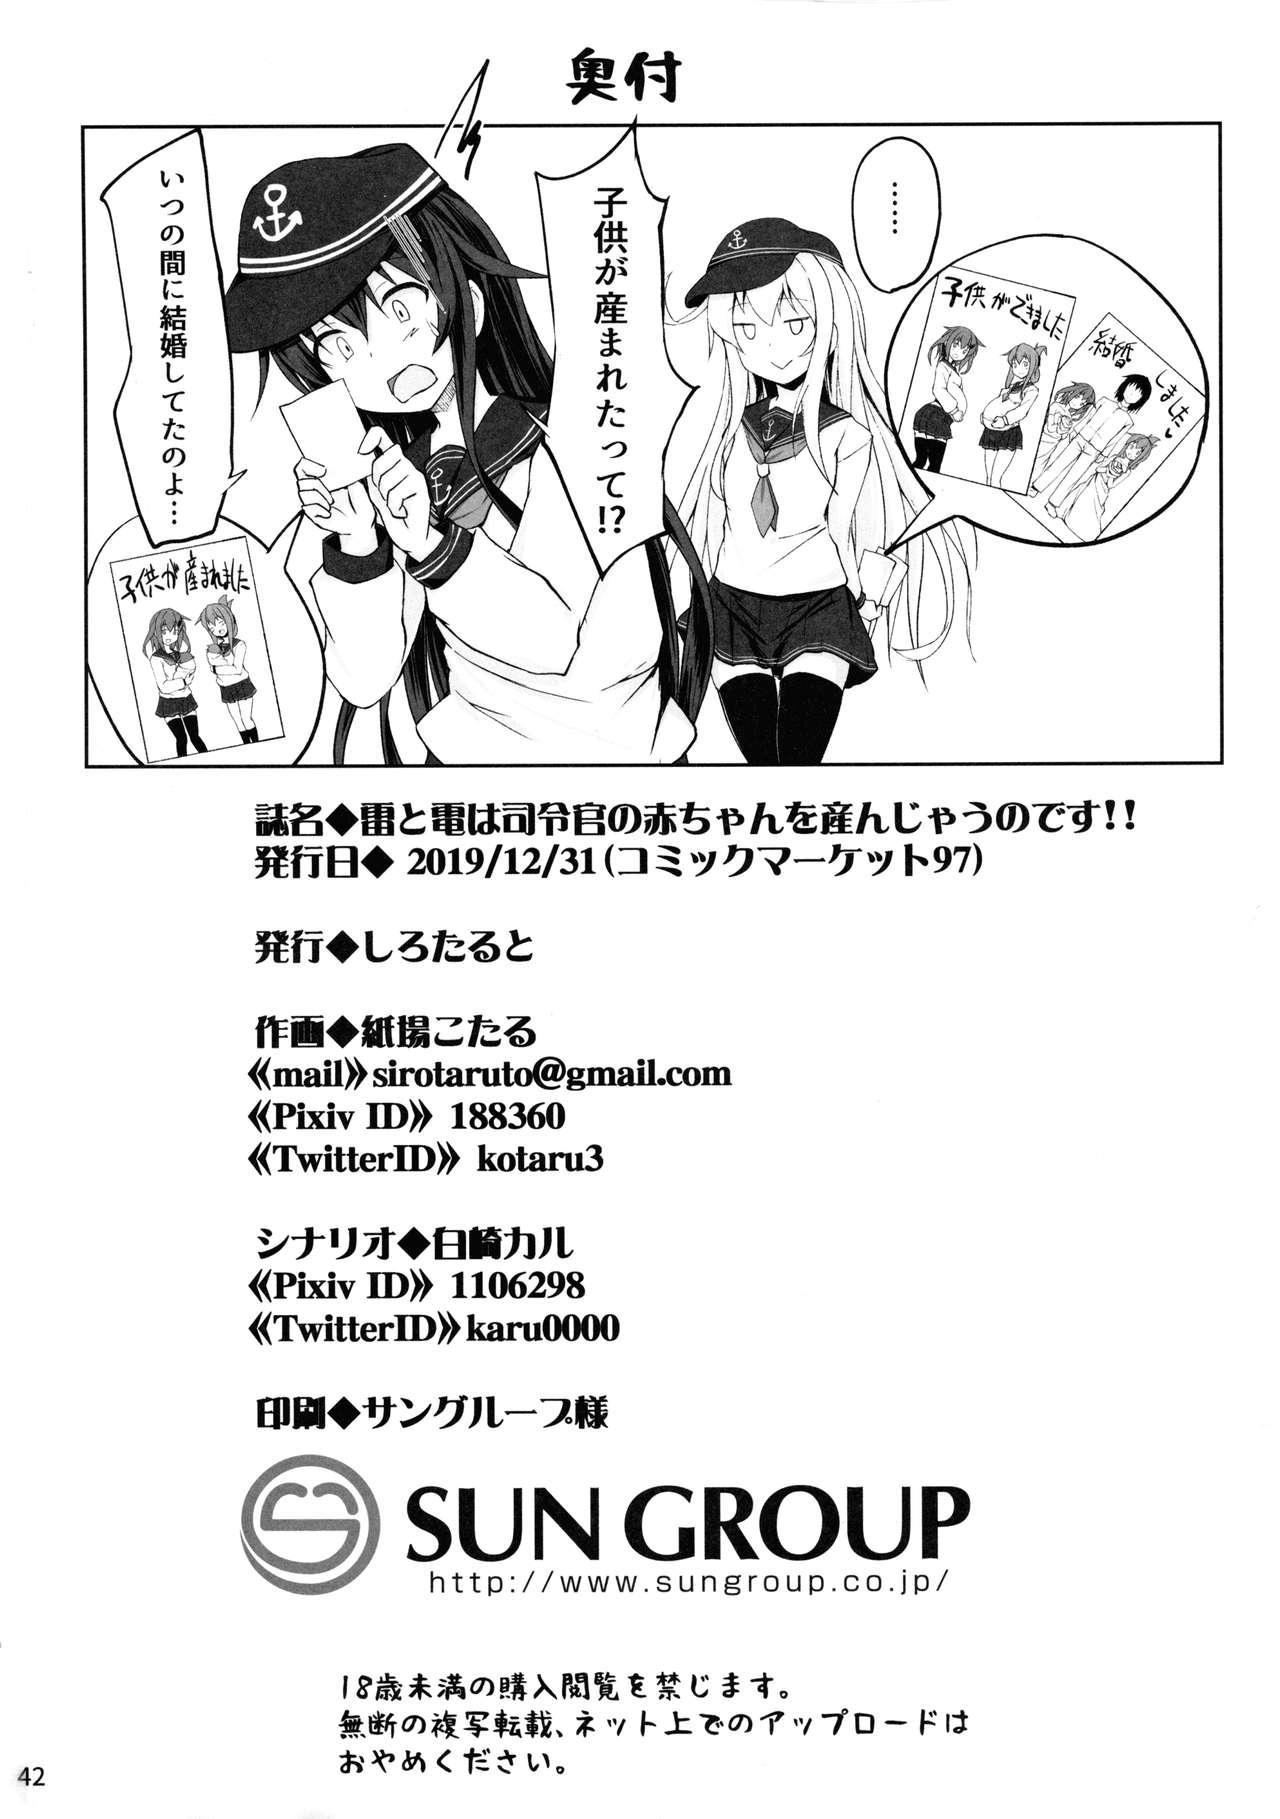 Ikazuchi to Inazuma wa Shireikan no Aka-chan o Unjau no desu!! 41